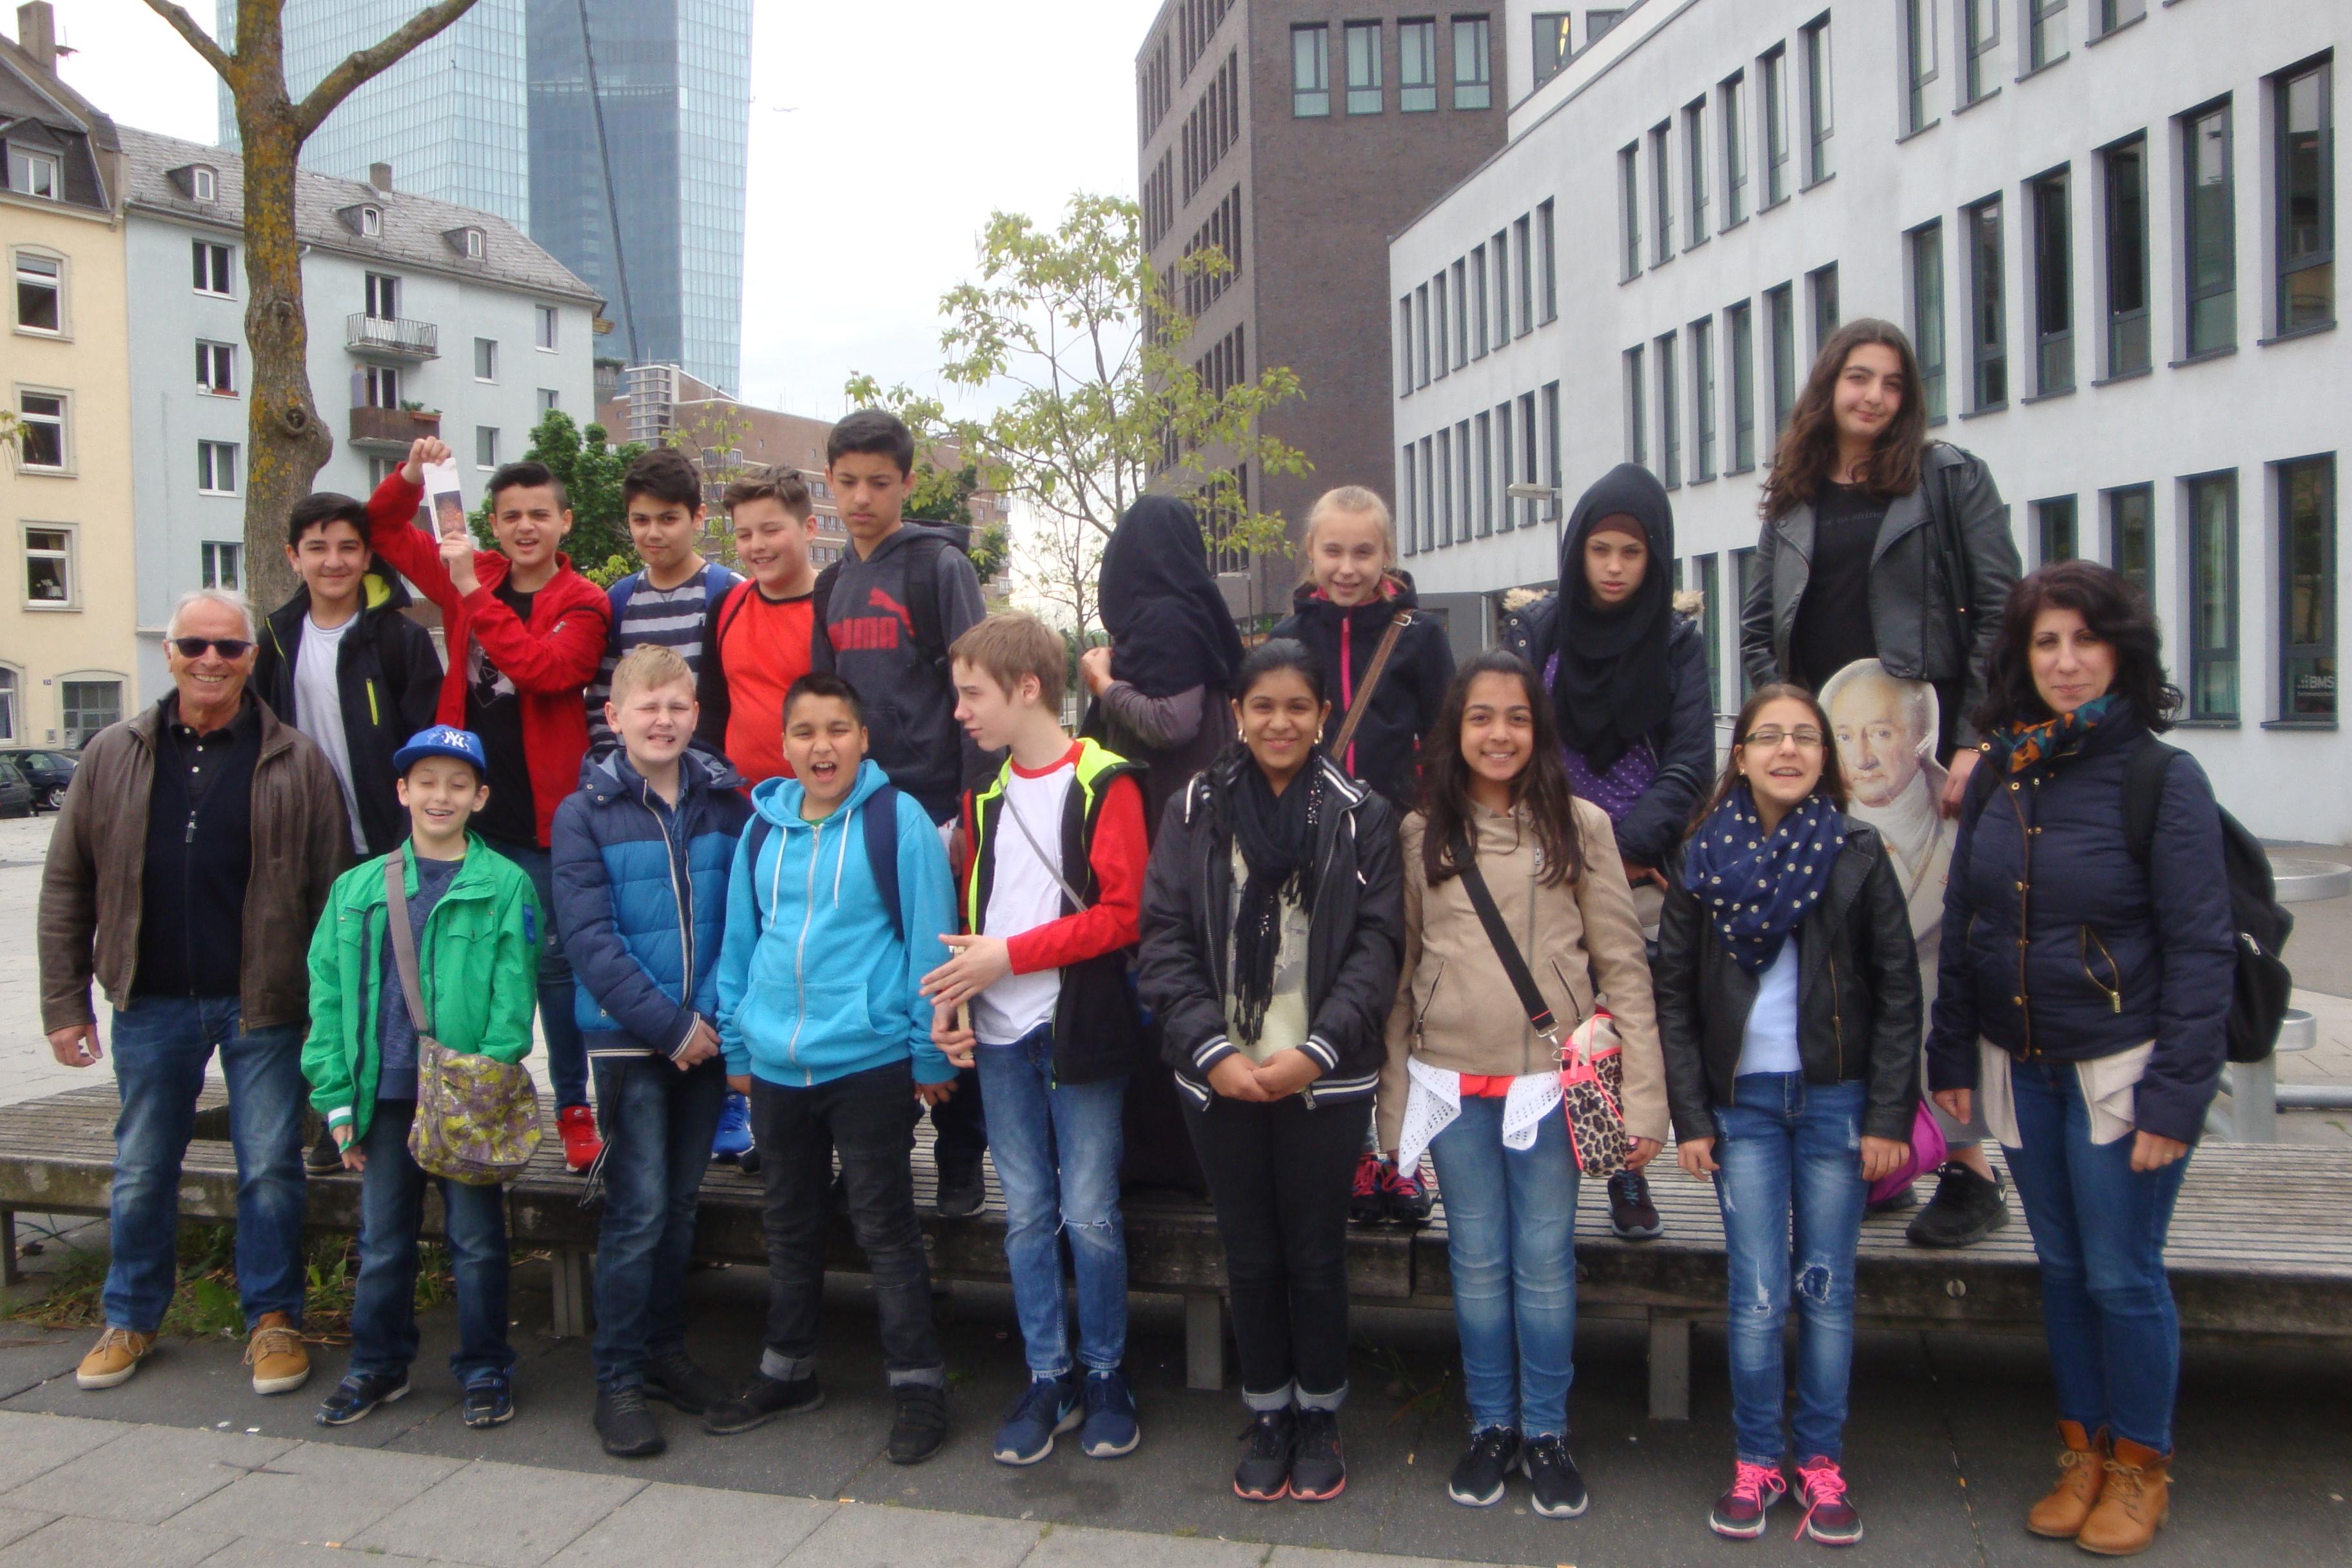 Die Klasse 5 a vor der Europäischen Zentralbank